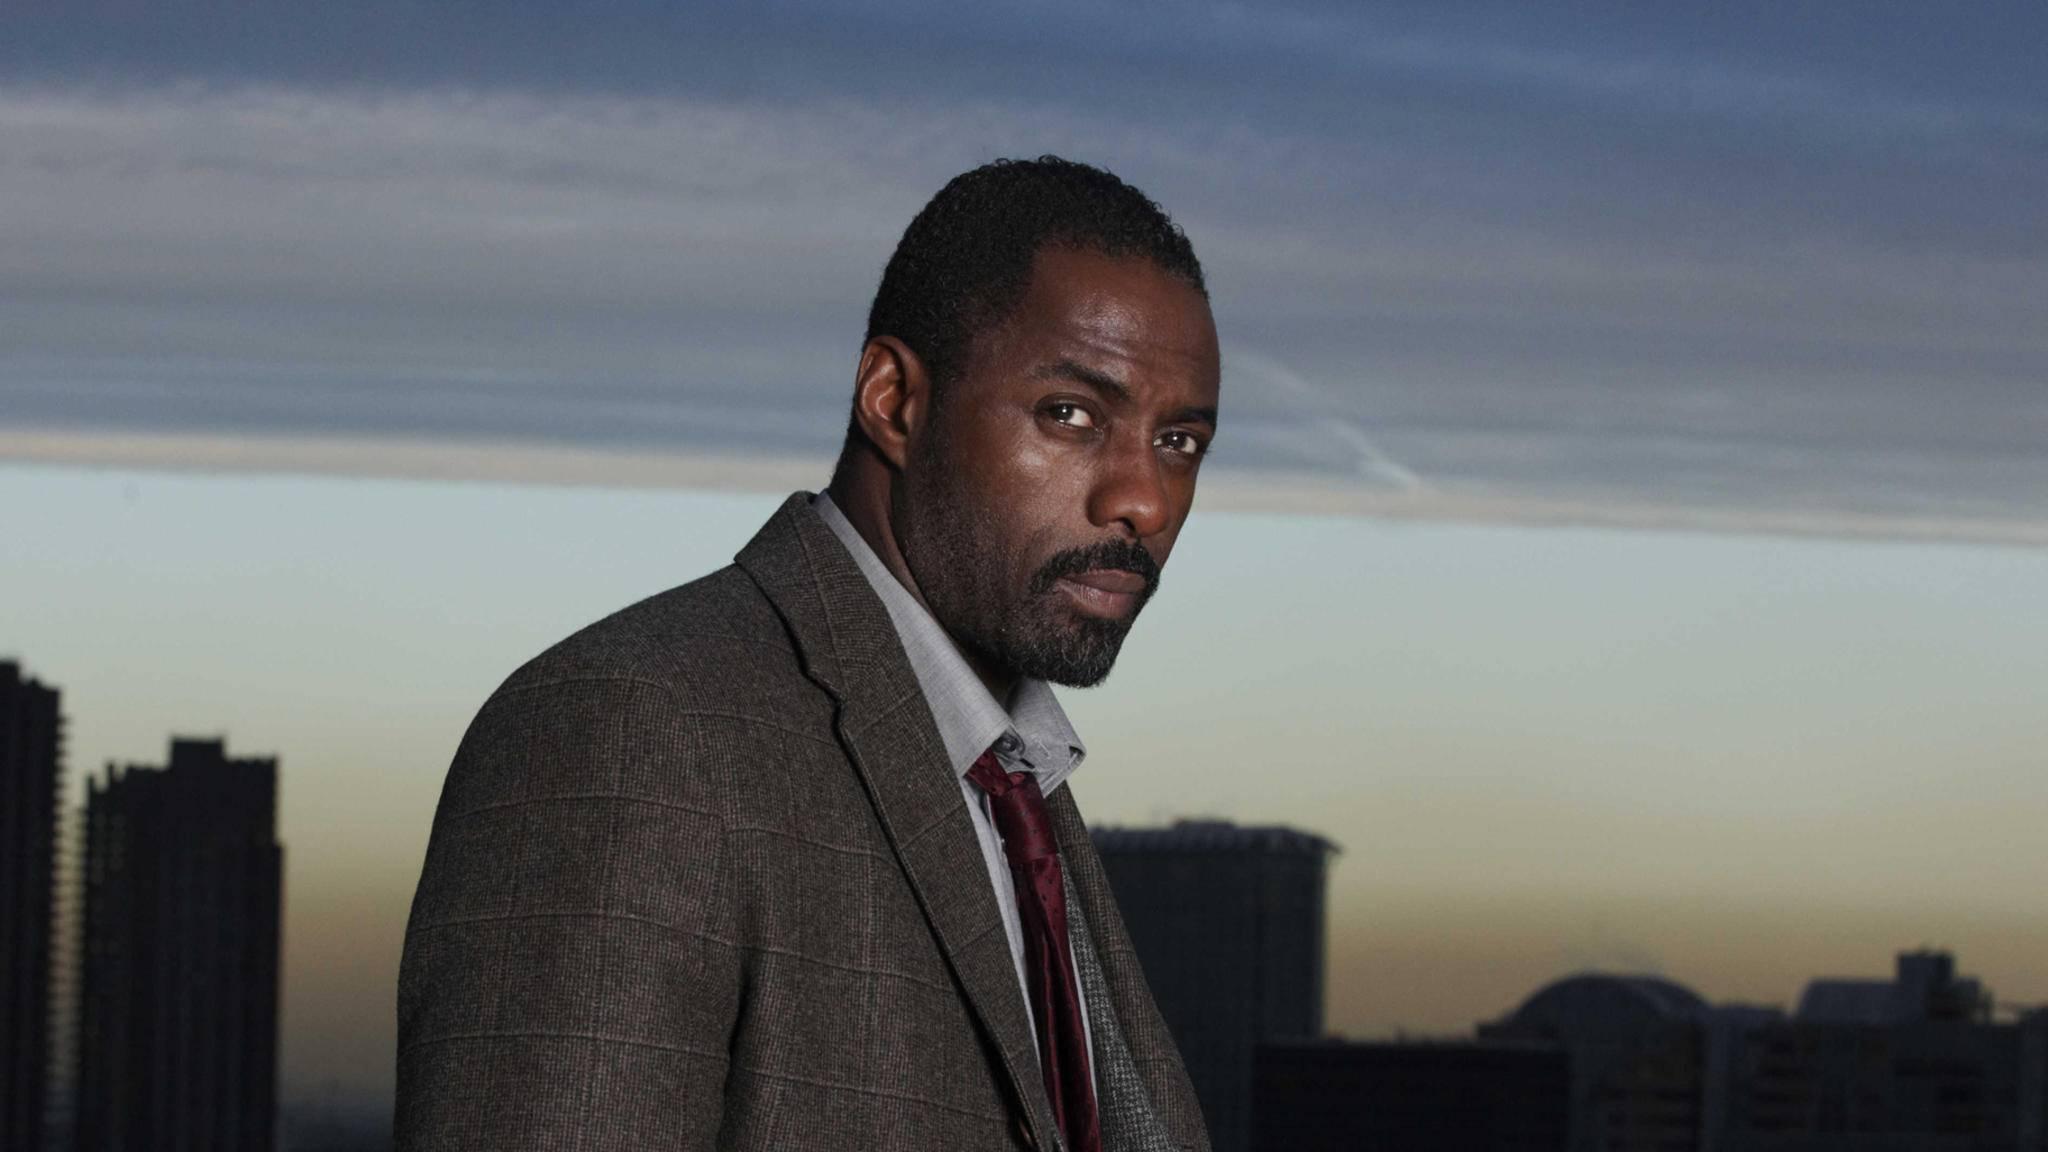 Idris Elba: 19 Filme und Fernsehsendungen mit dem Ausnahmeschauspieler